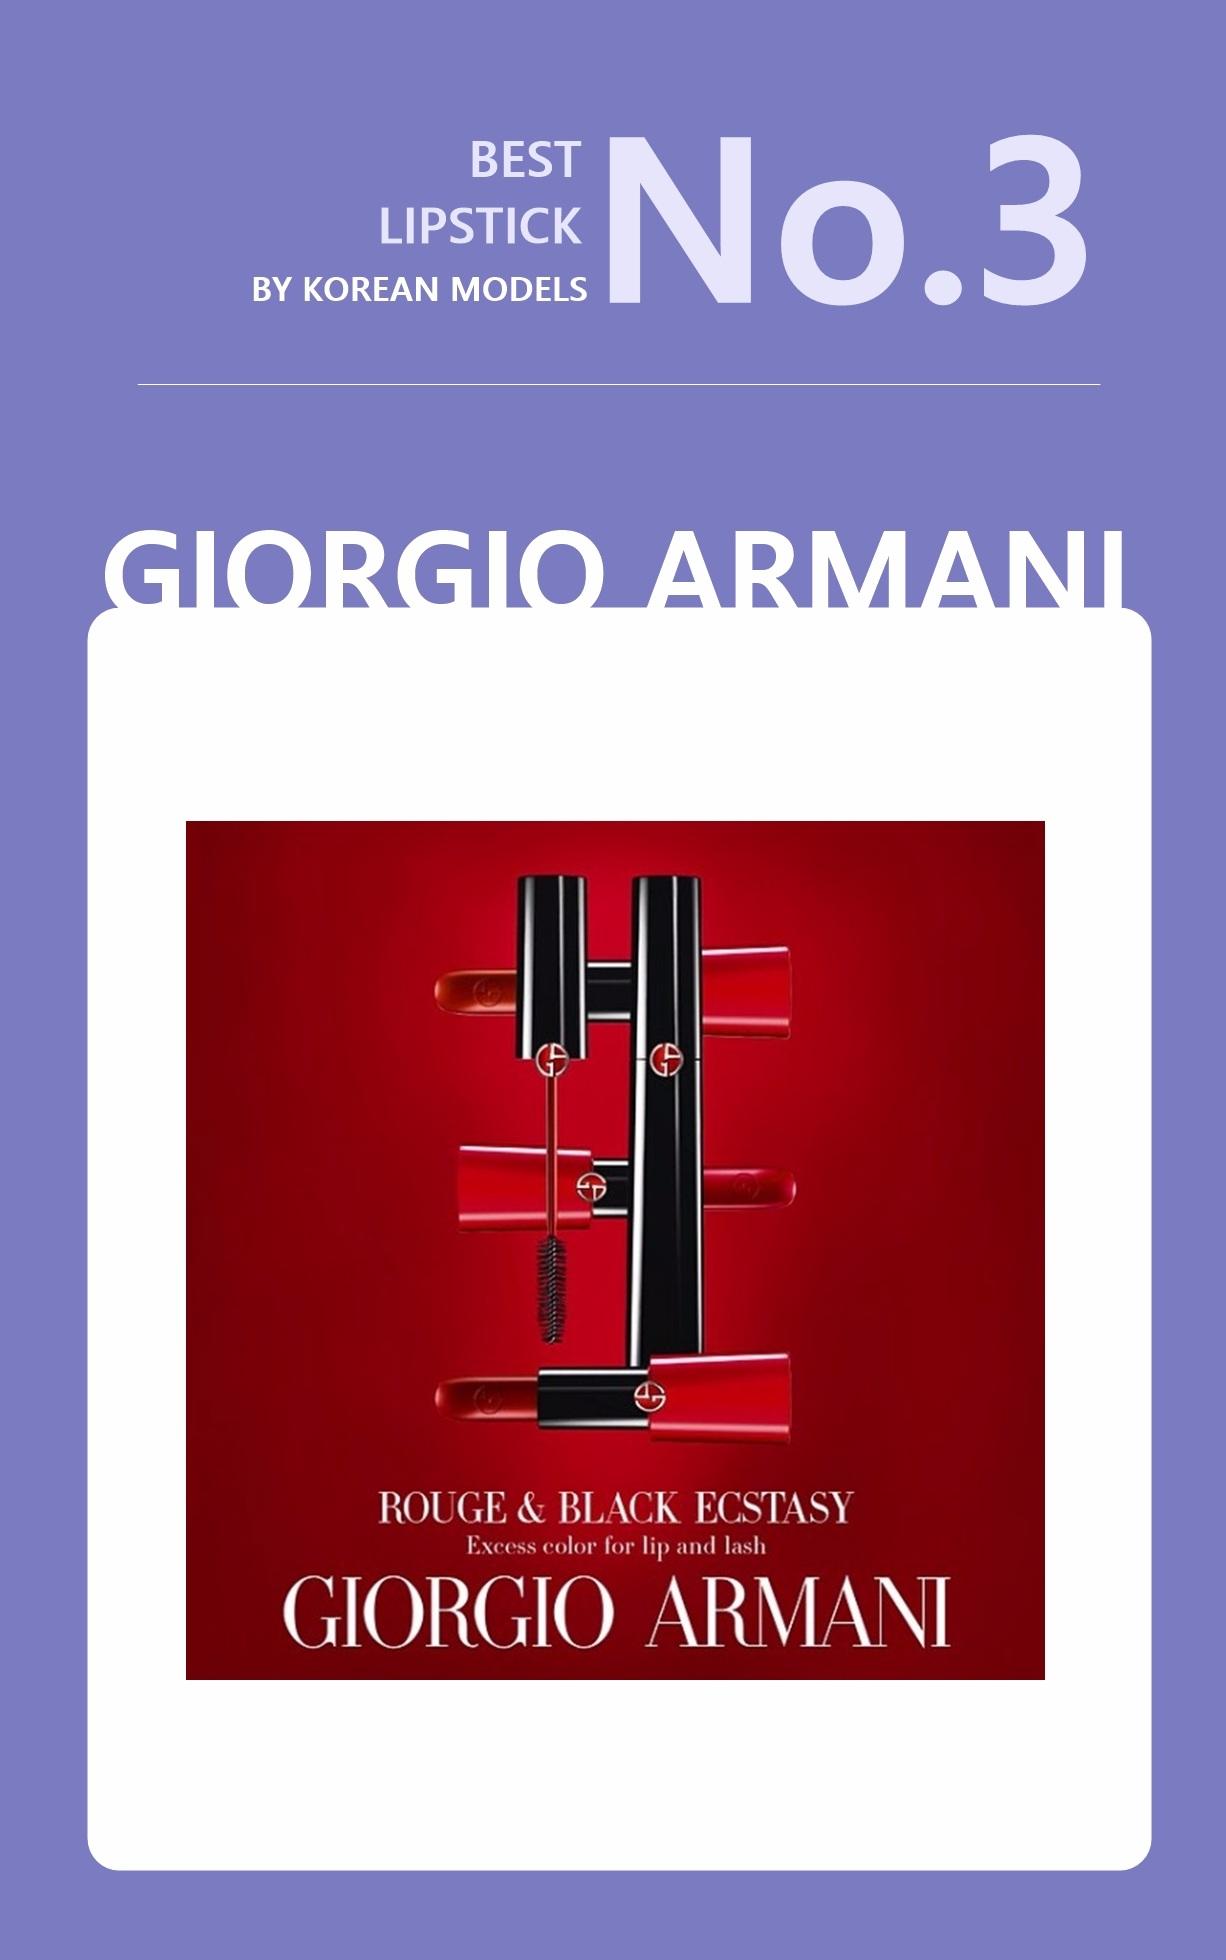 Giorgio Armani的頂級訂製唇膏,是許多女生的最終夢幻!質地非常服貼、保濕、顯色,另外如天鵝絨的唇刷也很完美,台灣也買得到!